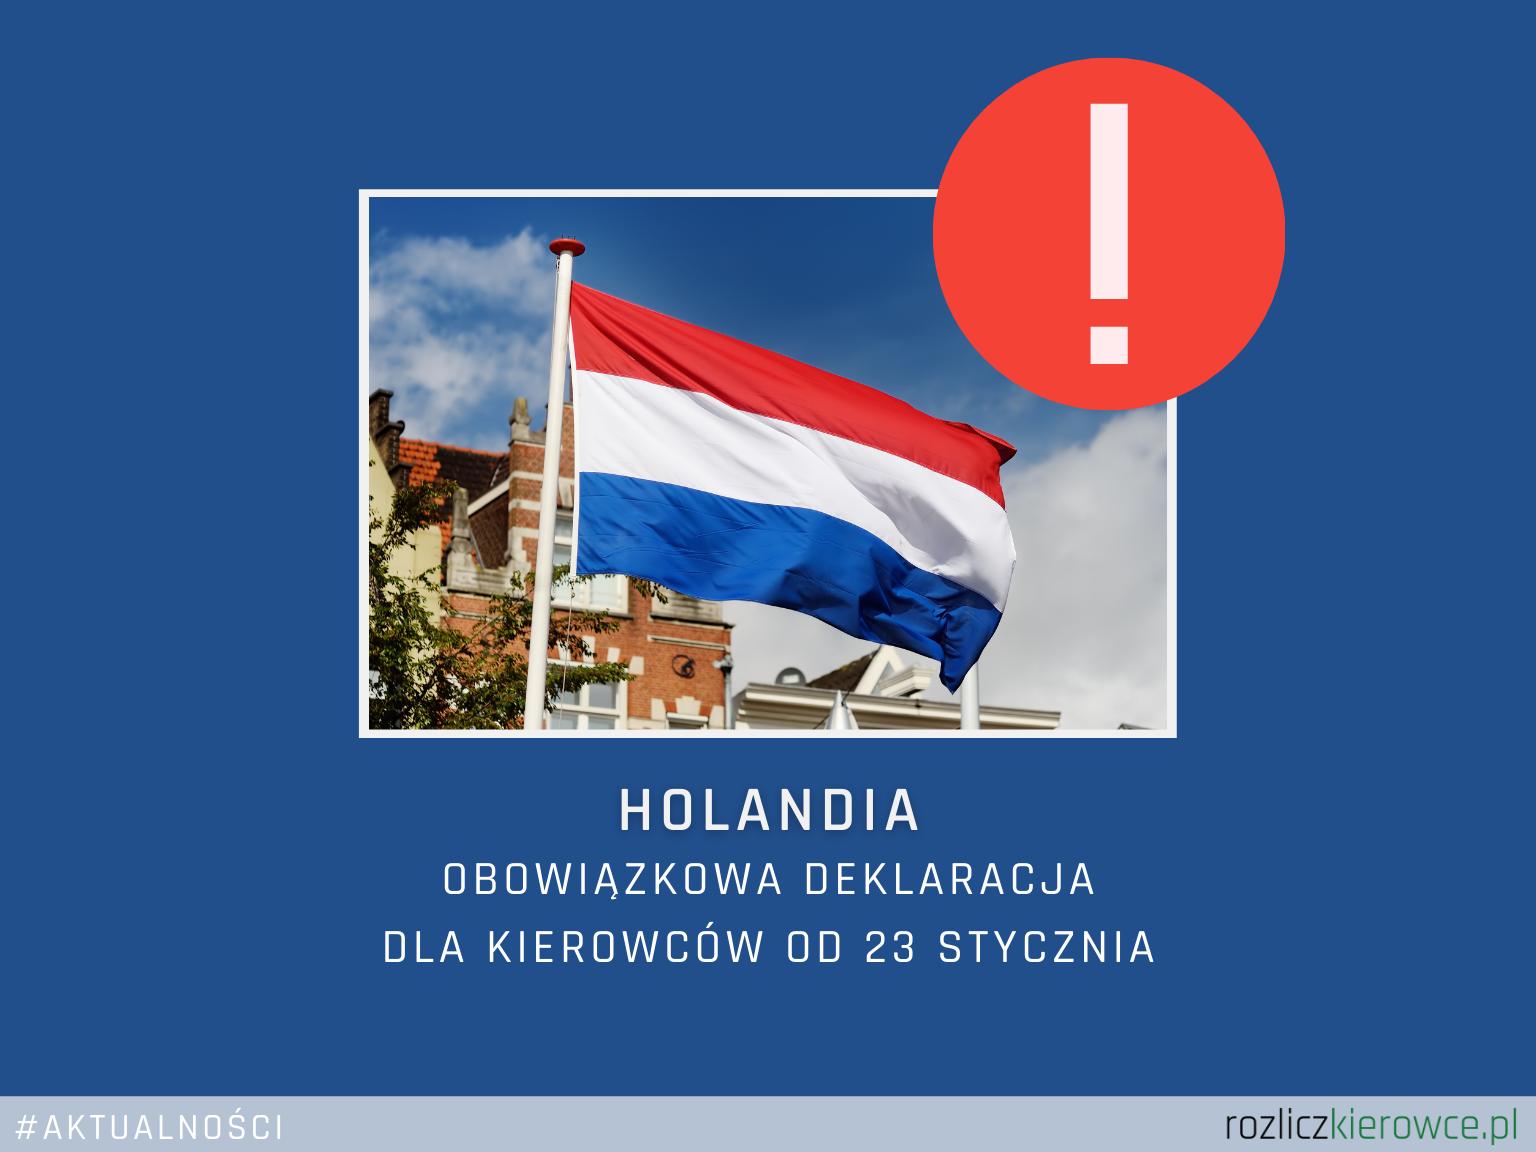 🇳🇱 HOLANDIA-Obowiązkowa deklaracja dla kierowców od 23 stycznia 2021.